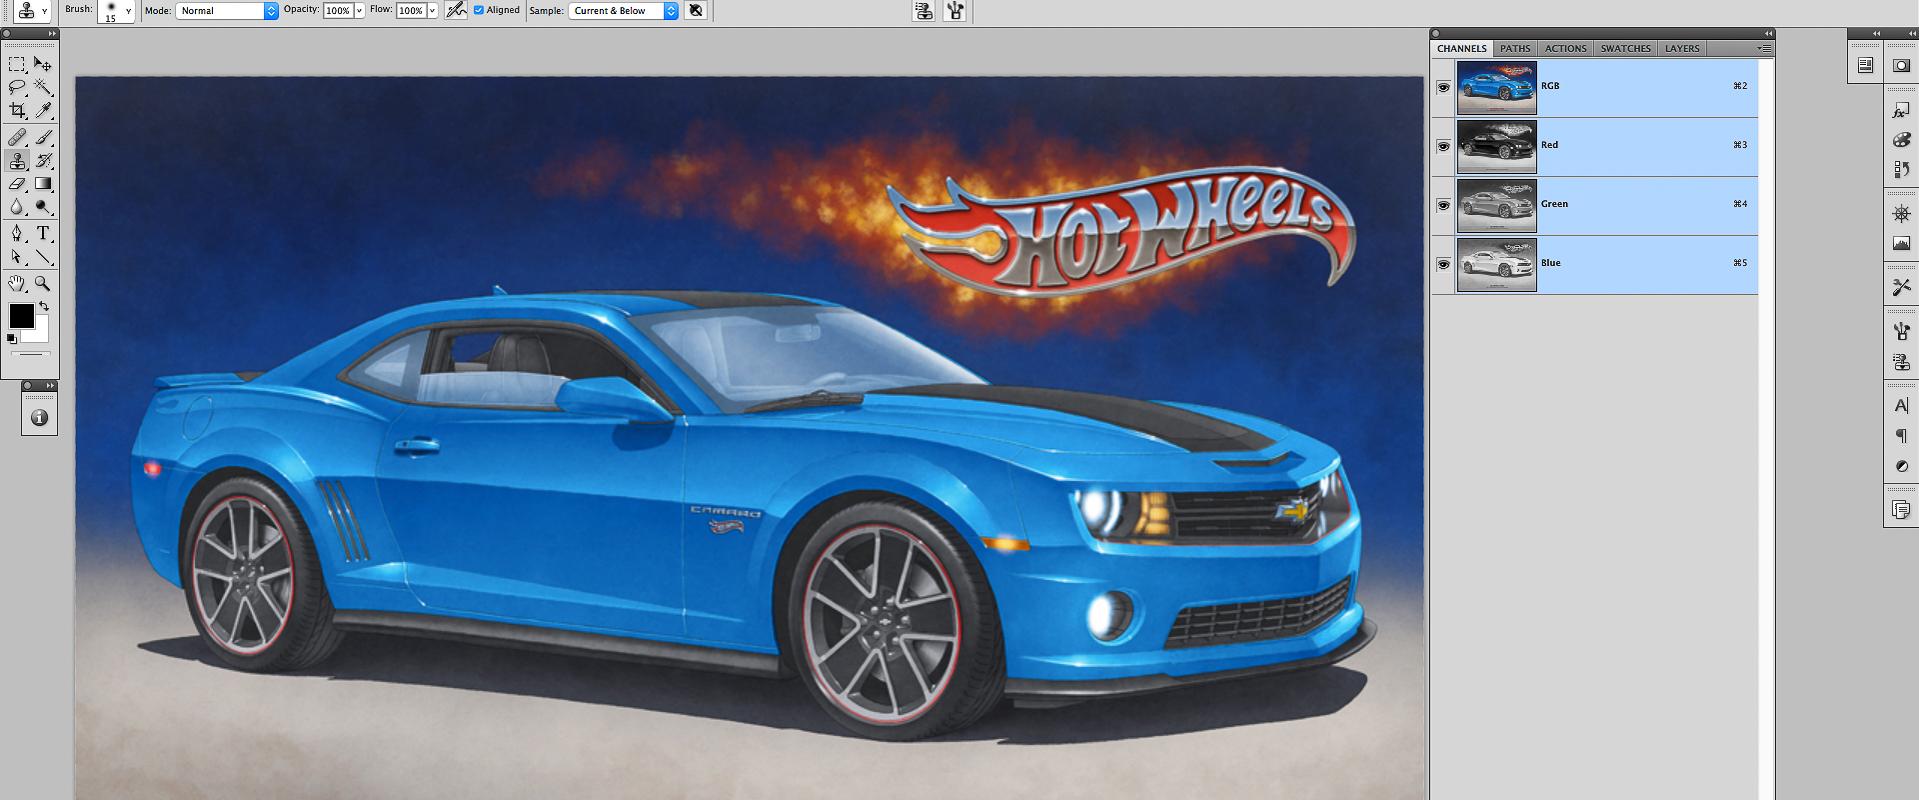 Ensuite, la couleur est appliquée à l'aide du logiciel Photoshop d'Adobe et d'une tablette graphique